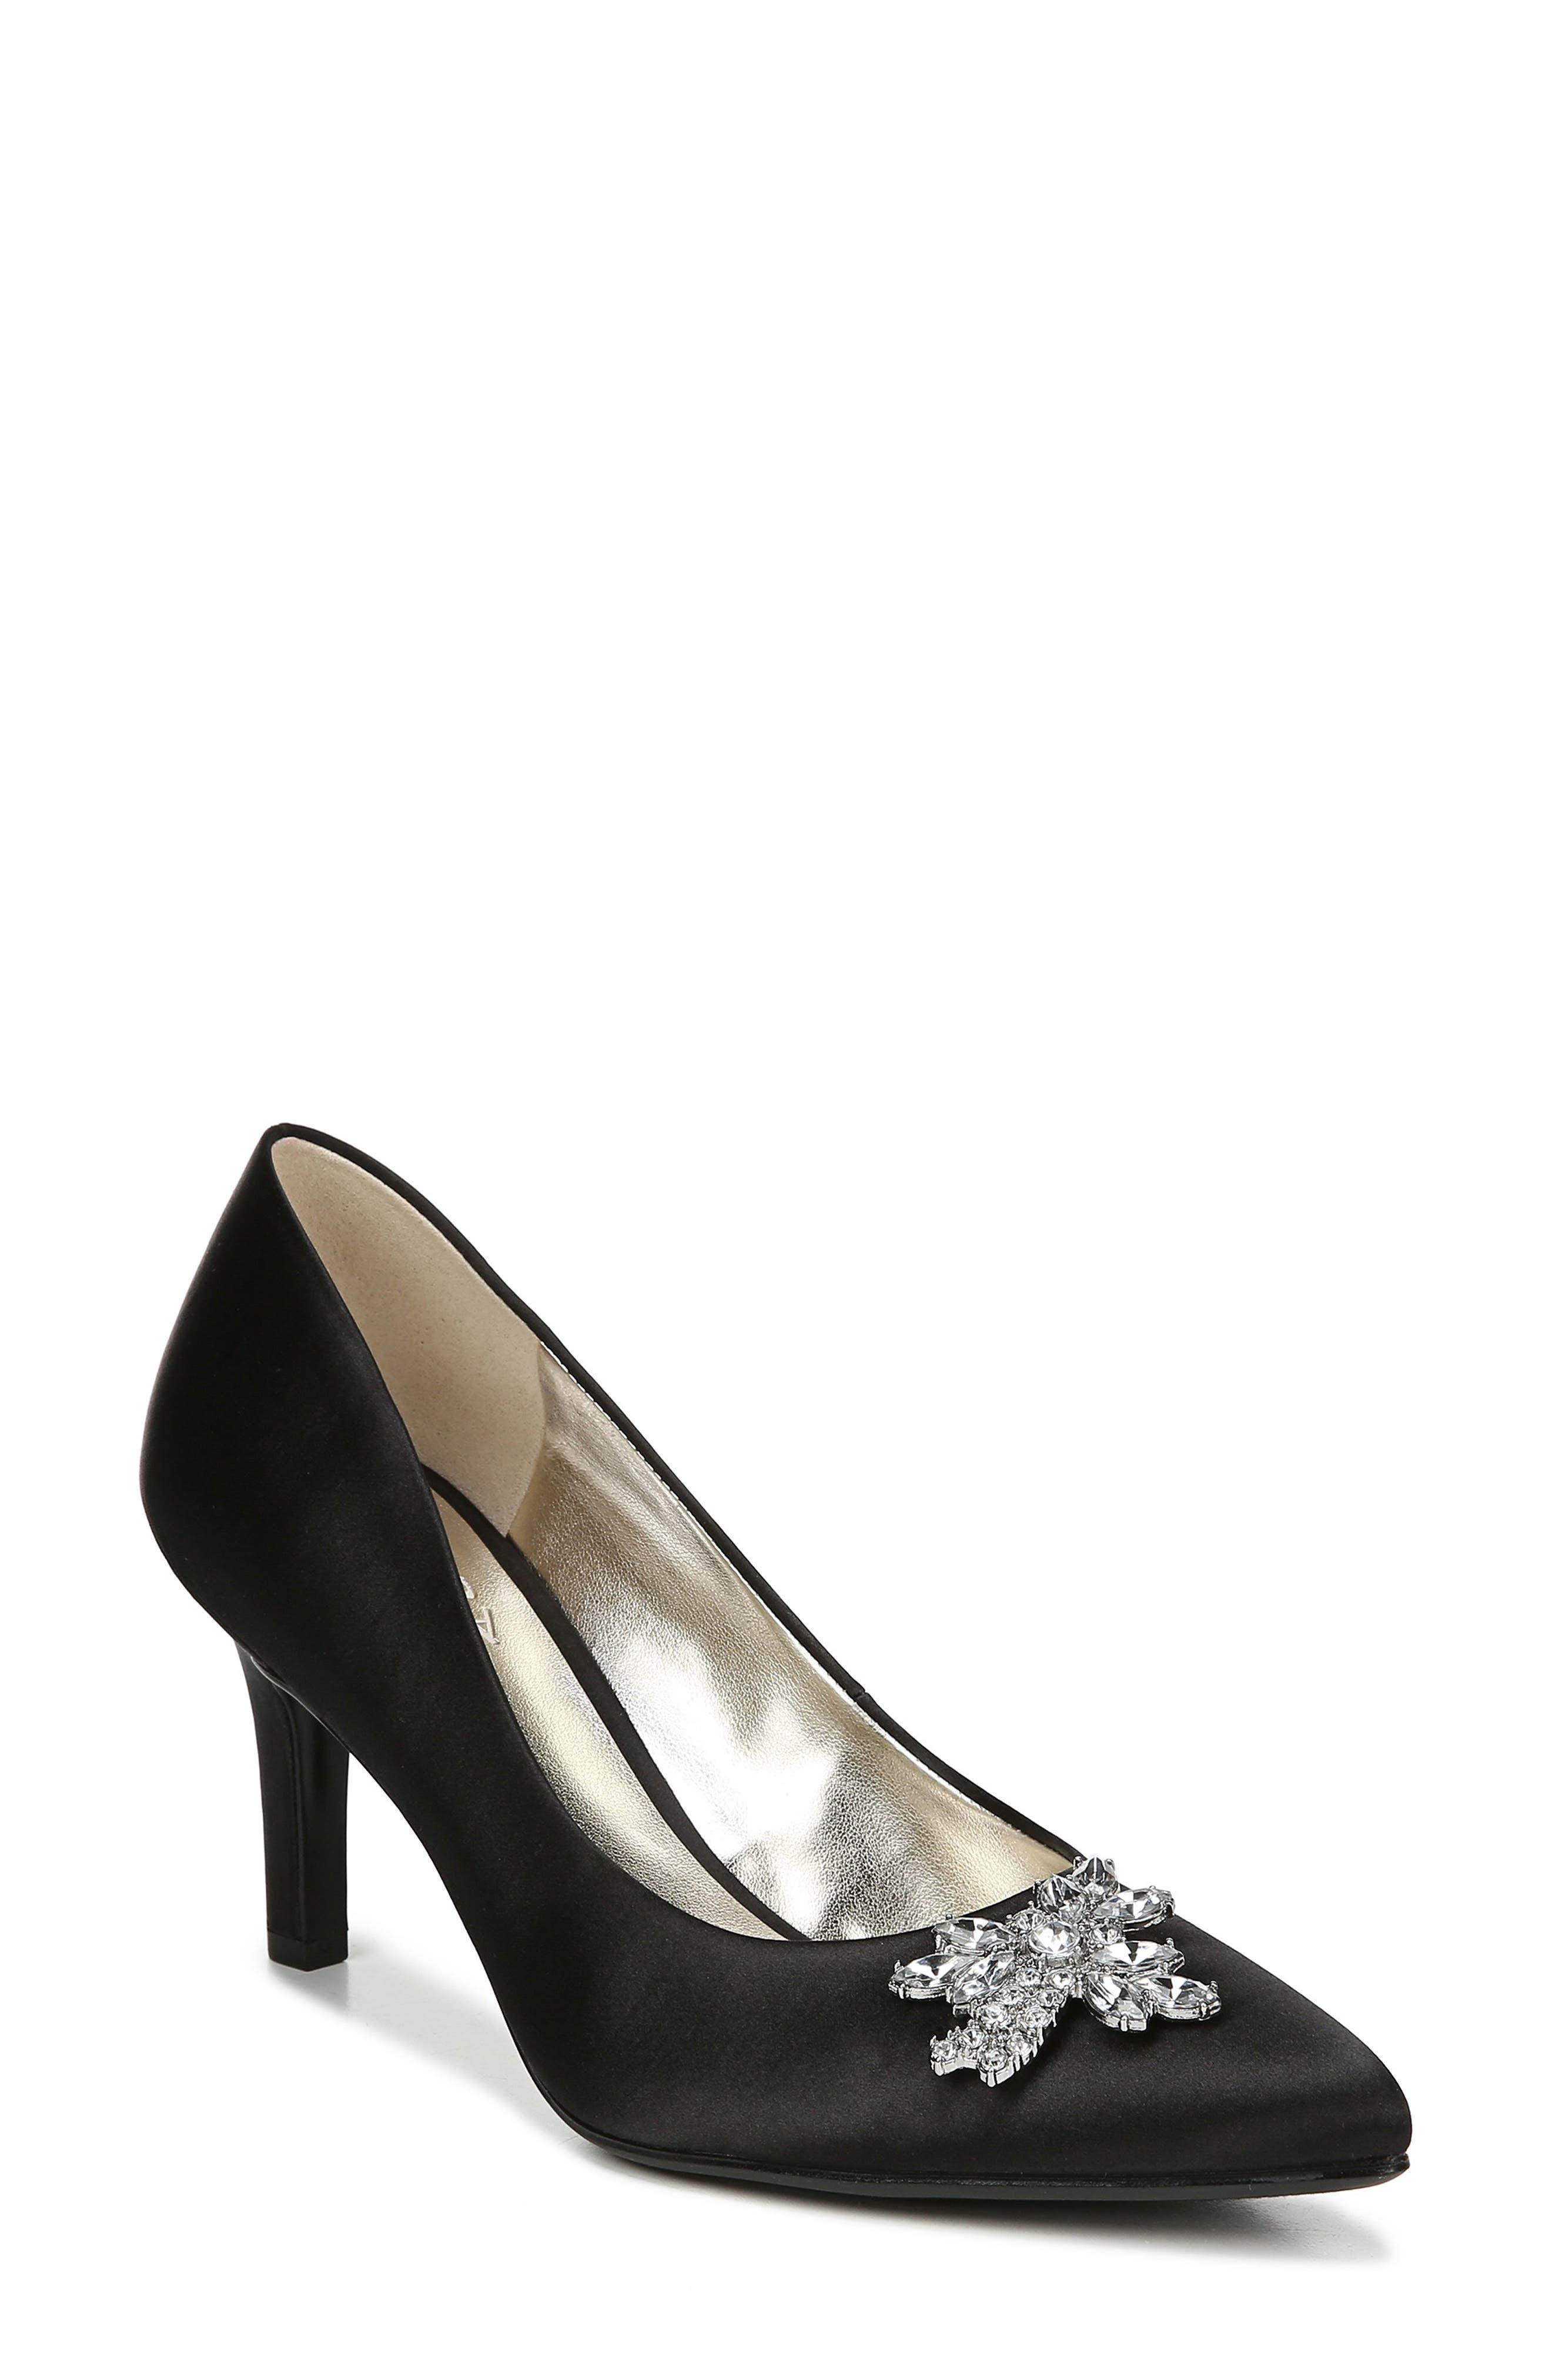 NATURALIZER Natalie Embellished Pointy Toe Pump, Main, color, BLACK SATIN